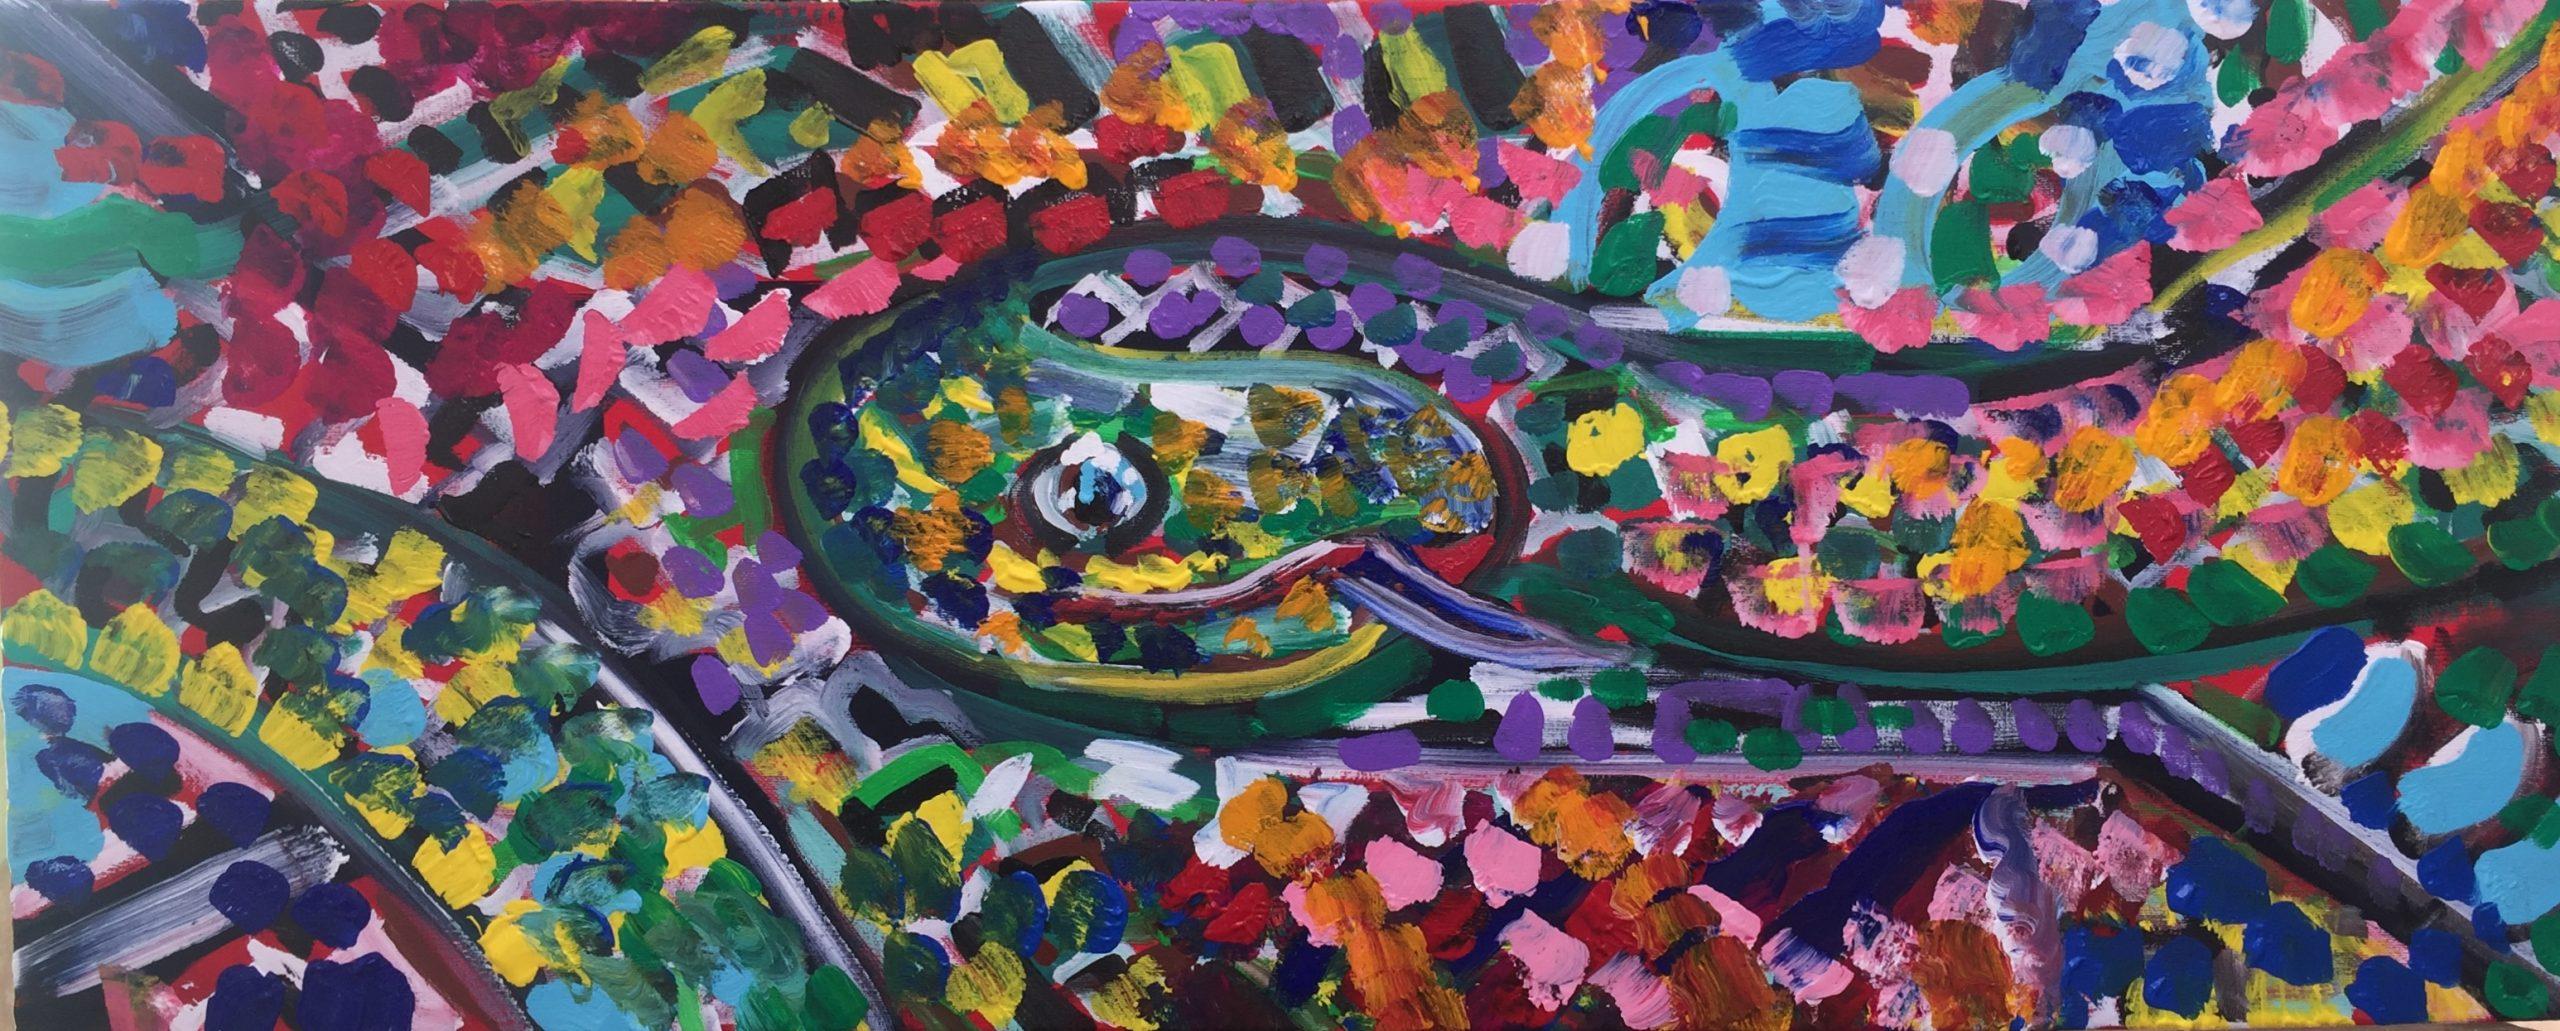 Snake tarragon, acrylic on canvas, 100cm x 40 cm, occhiobello, 2019